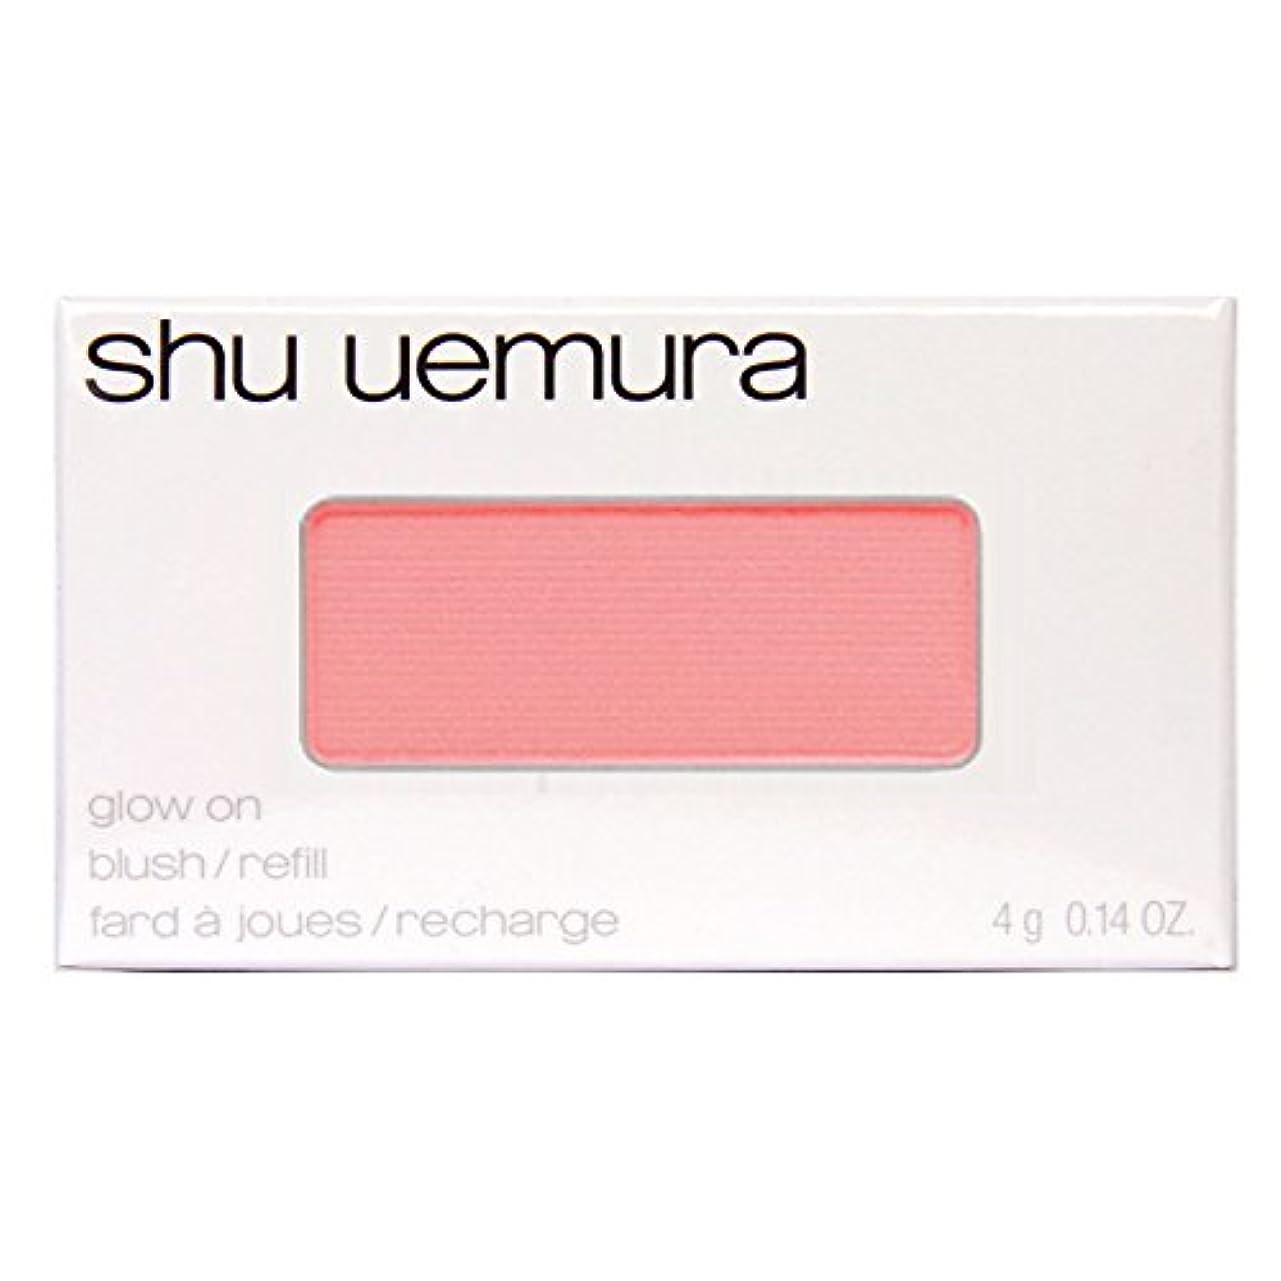 心から勧める同時shu uemura シュウ ウエムラ<br>グローオン<br>ブラッシュ<br>レフィル<br>#M<br>ソフト コーラル<br>345 [並行輸入品]